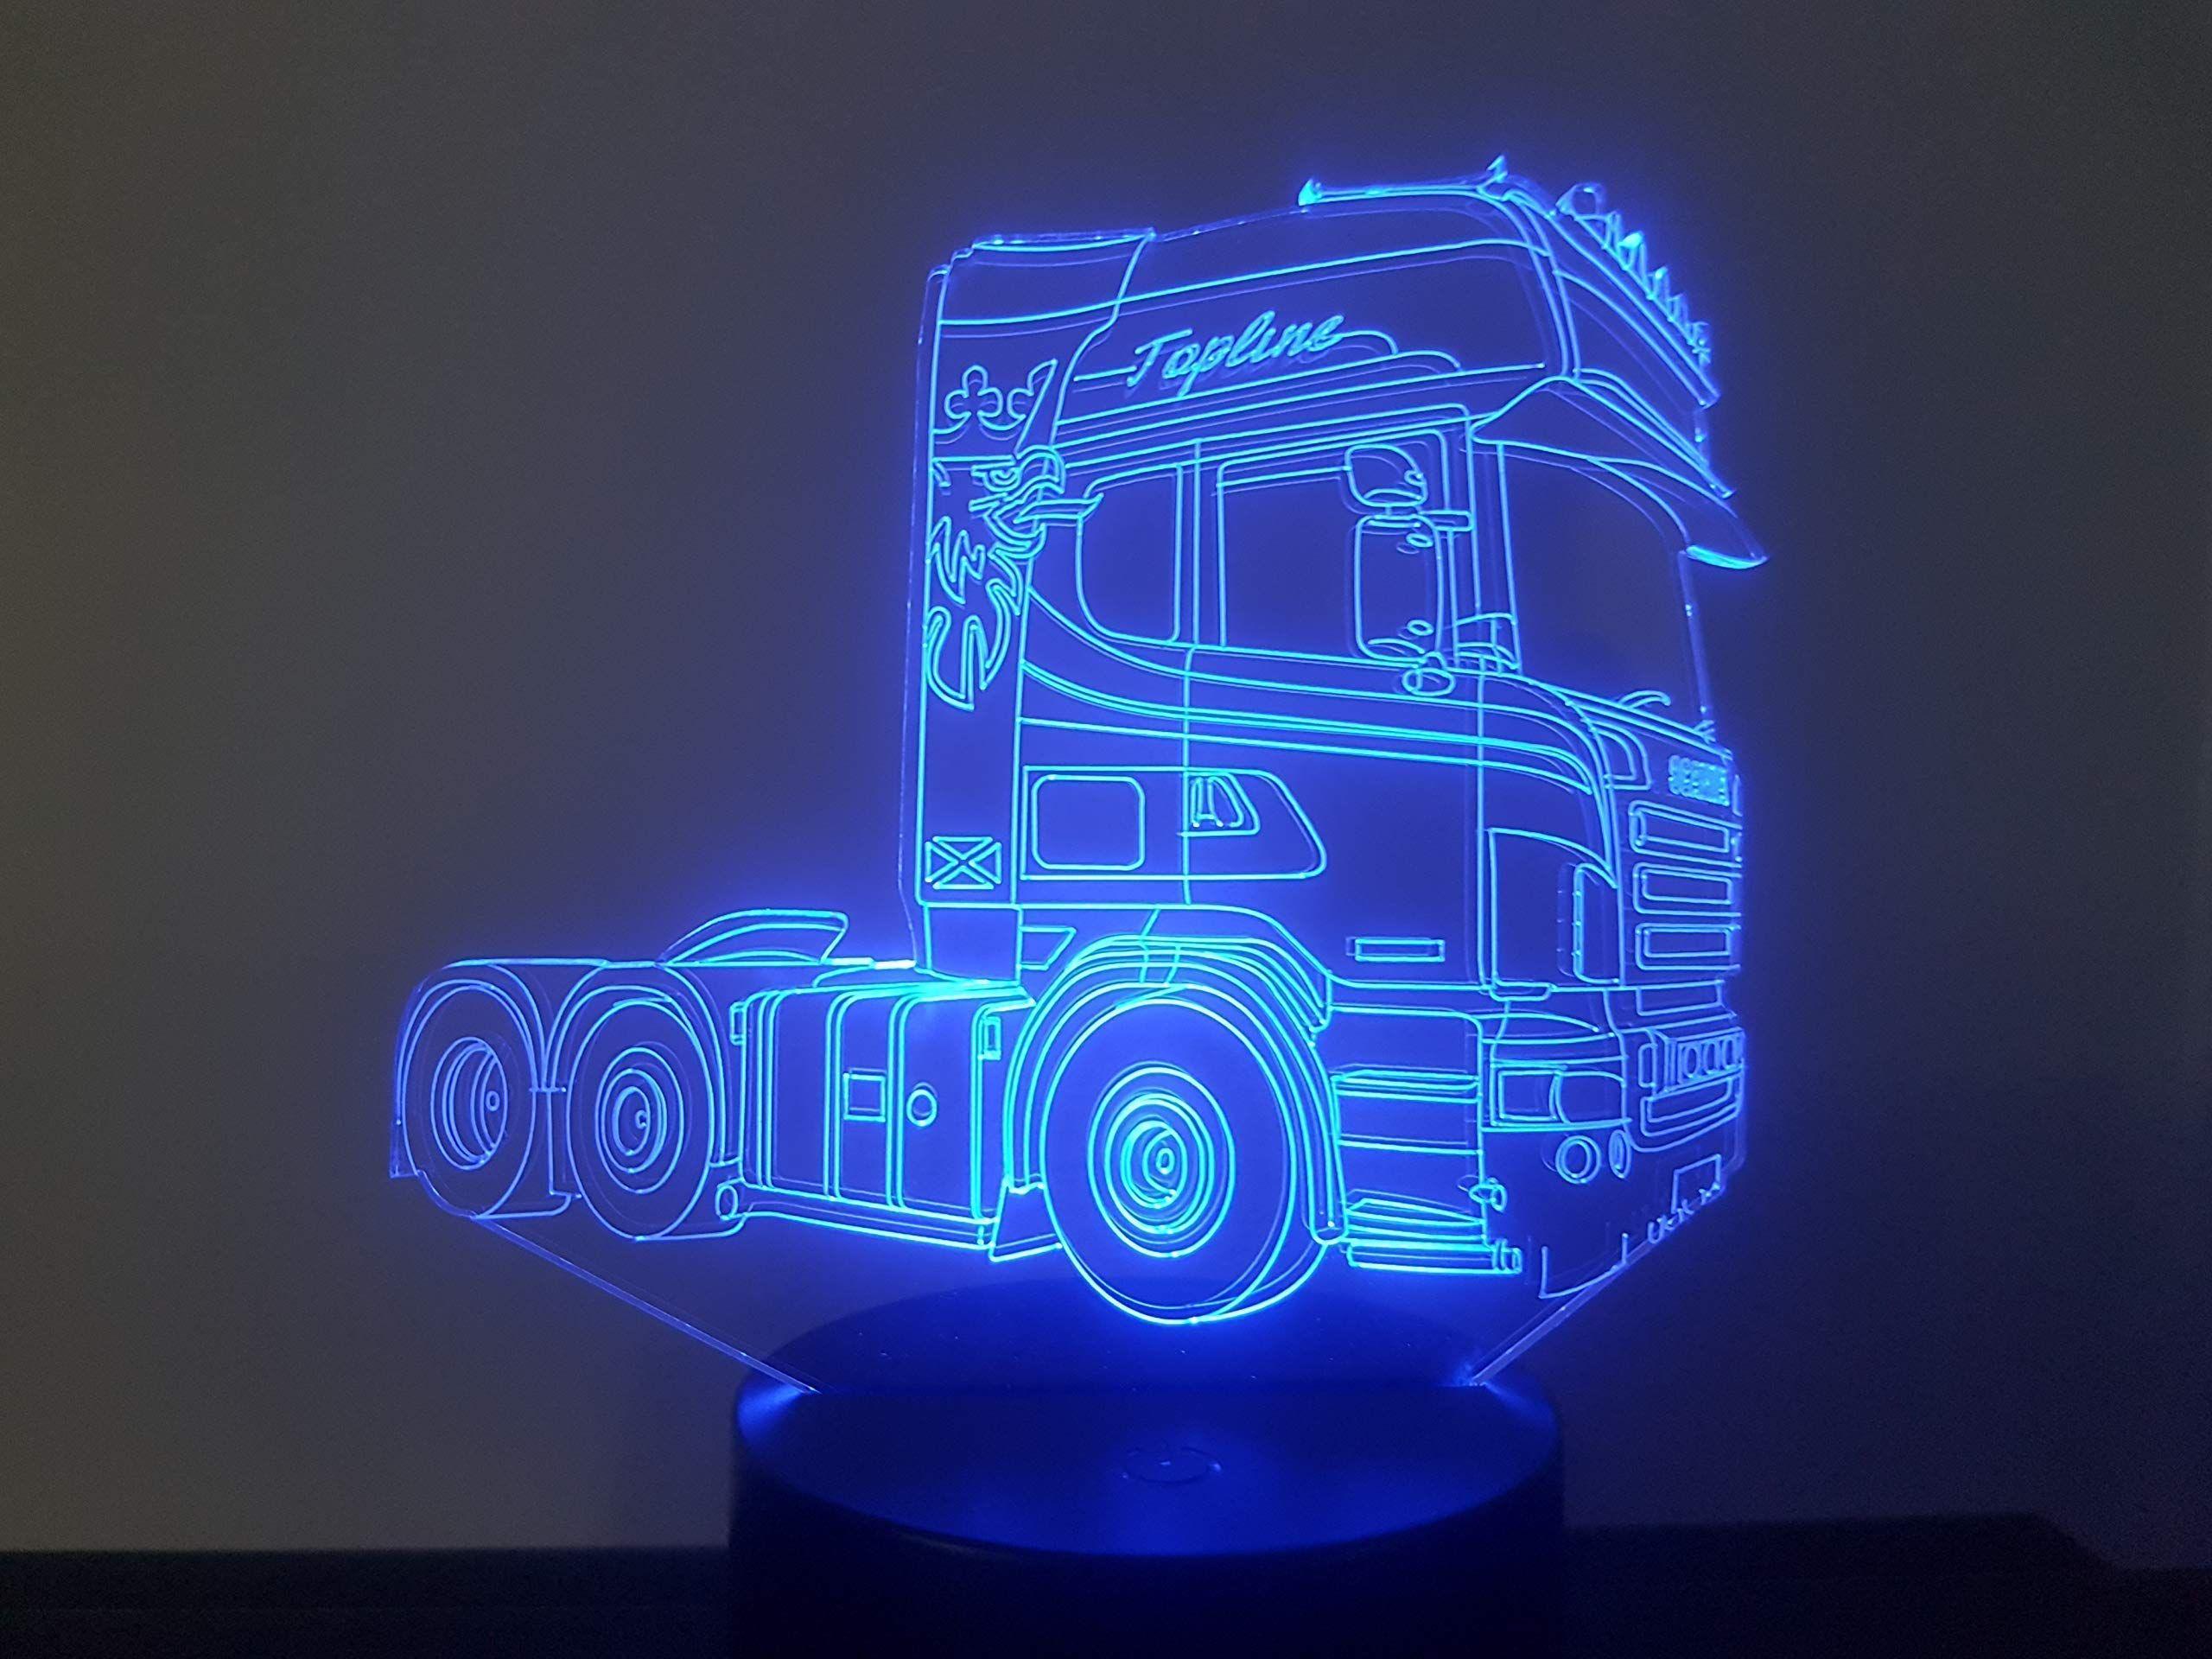 Lkw Scania 2 3d Lampe Led Scania Lkw Led Lampe Led Lampe Led Lampen